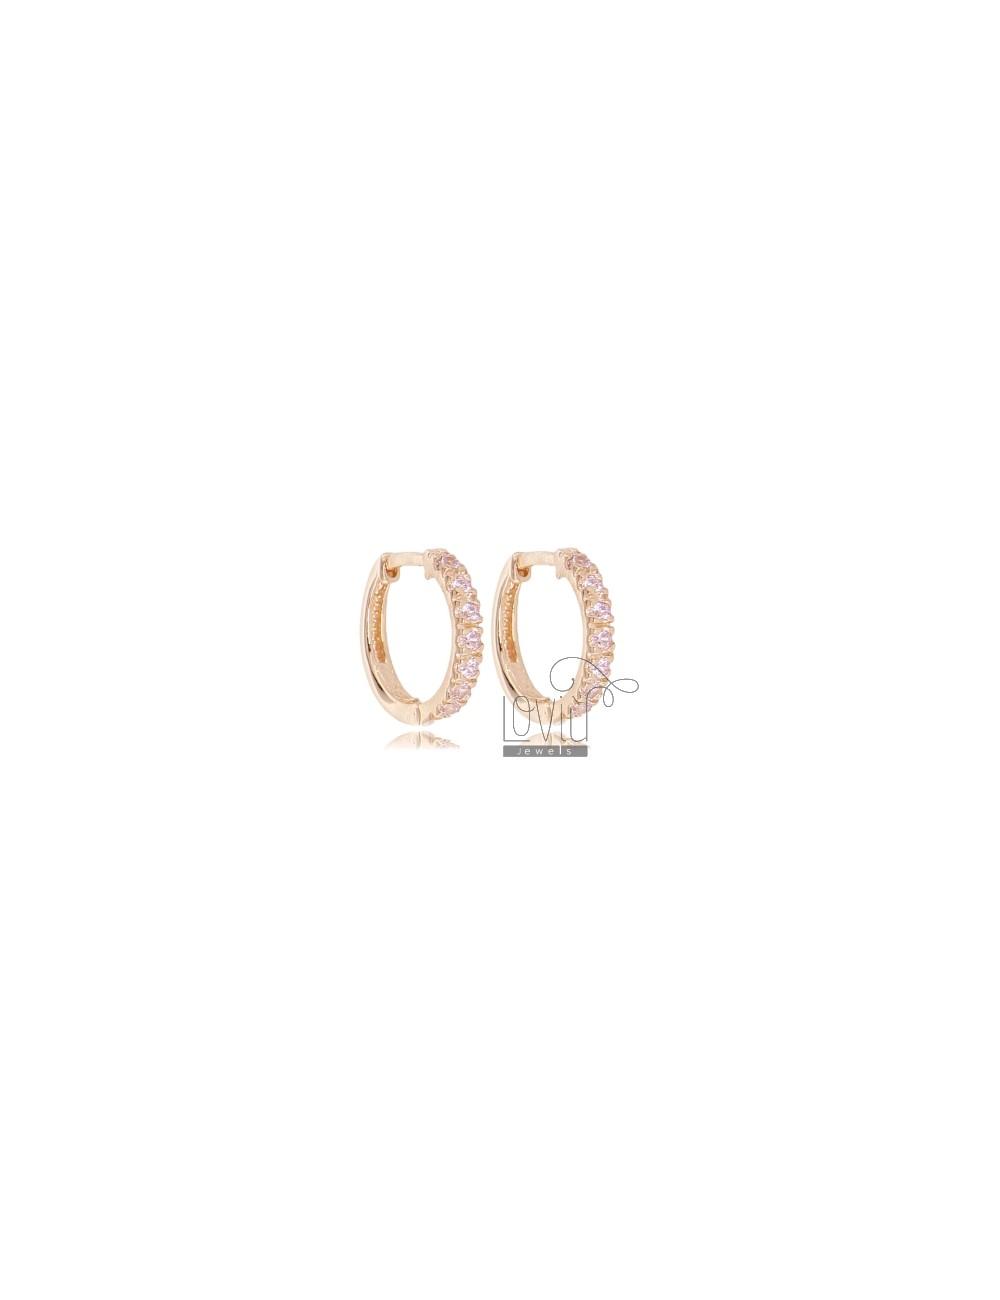 M571 22 mm 10 orecchini a cerchio in acciaio inox